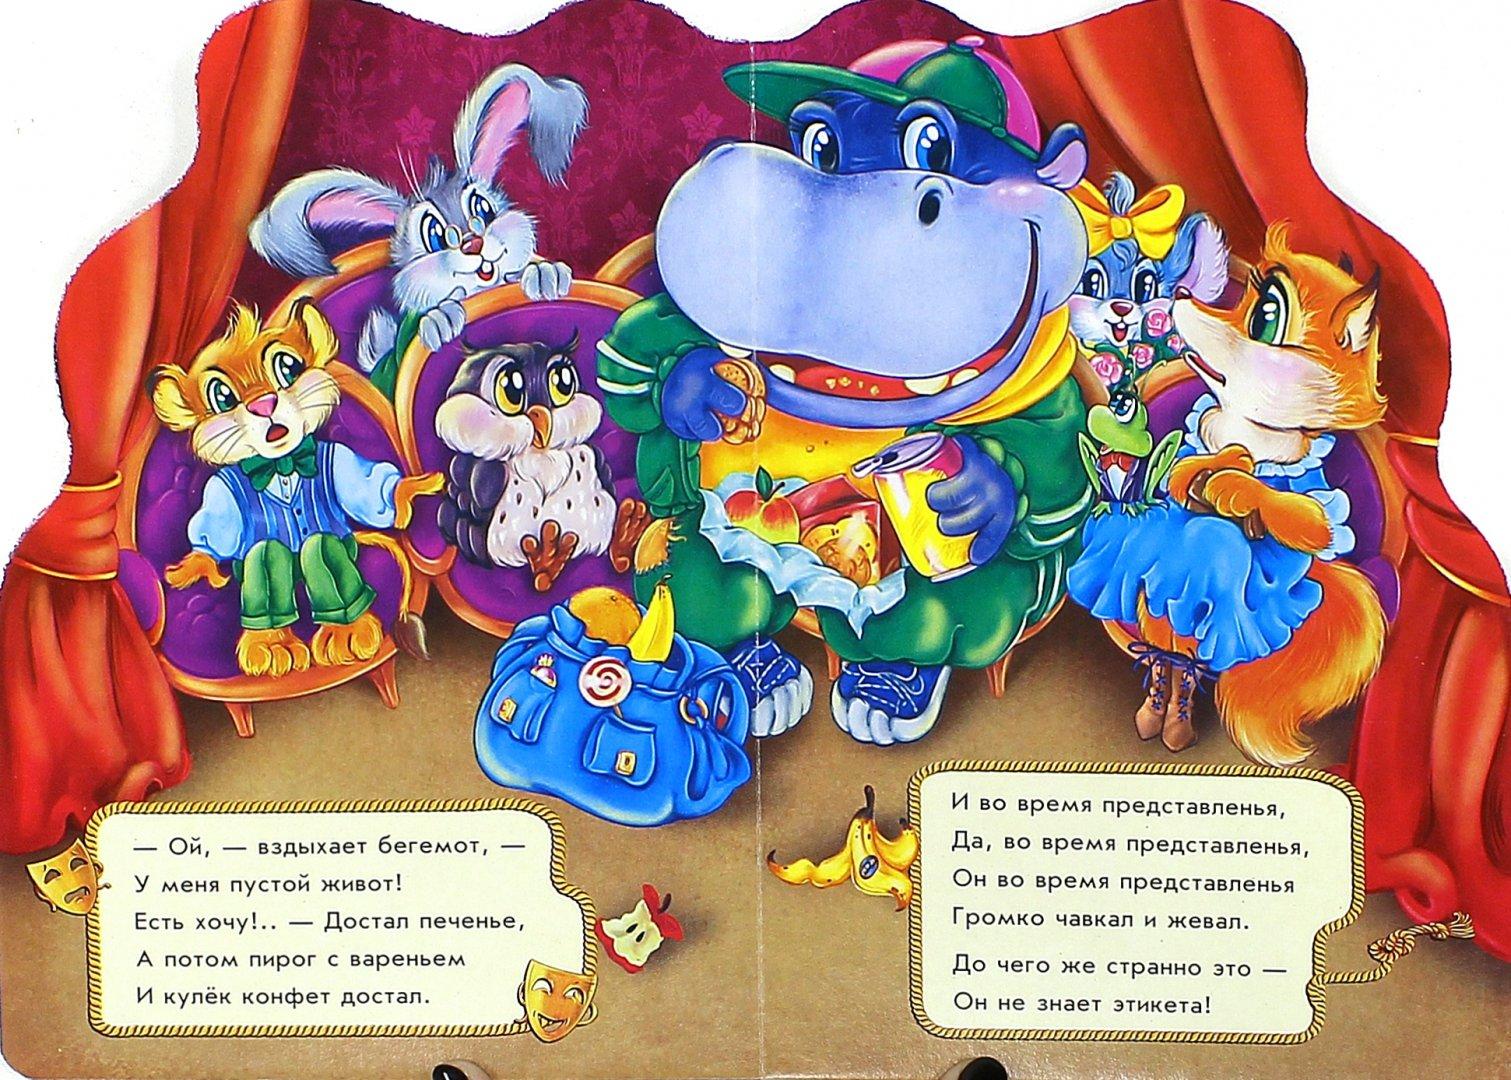 Иллюстрация 1 из 15 для В театре - Ирина Солнышко   Лабиринт - книги. Источник: Лабиринт